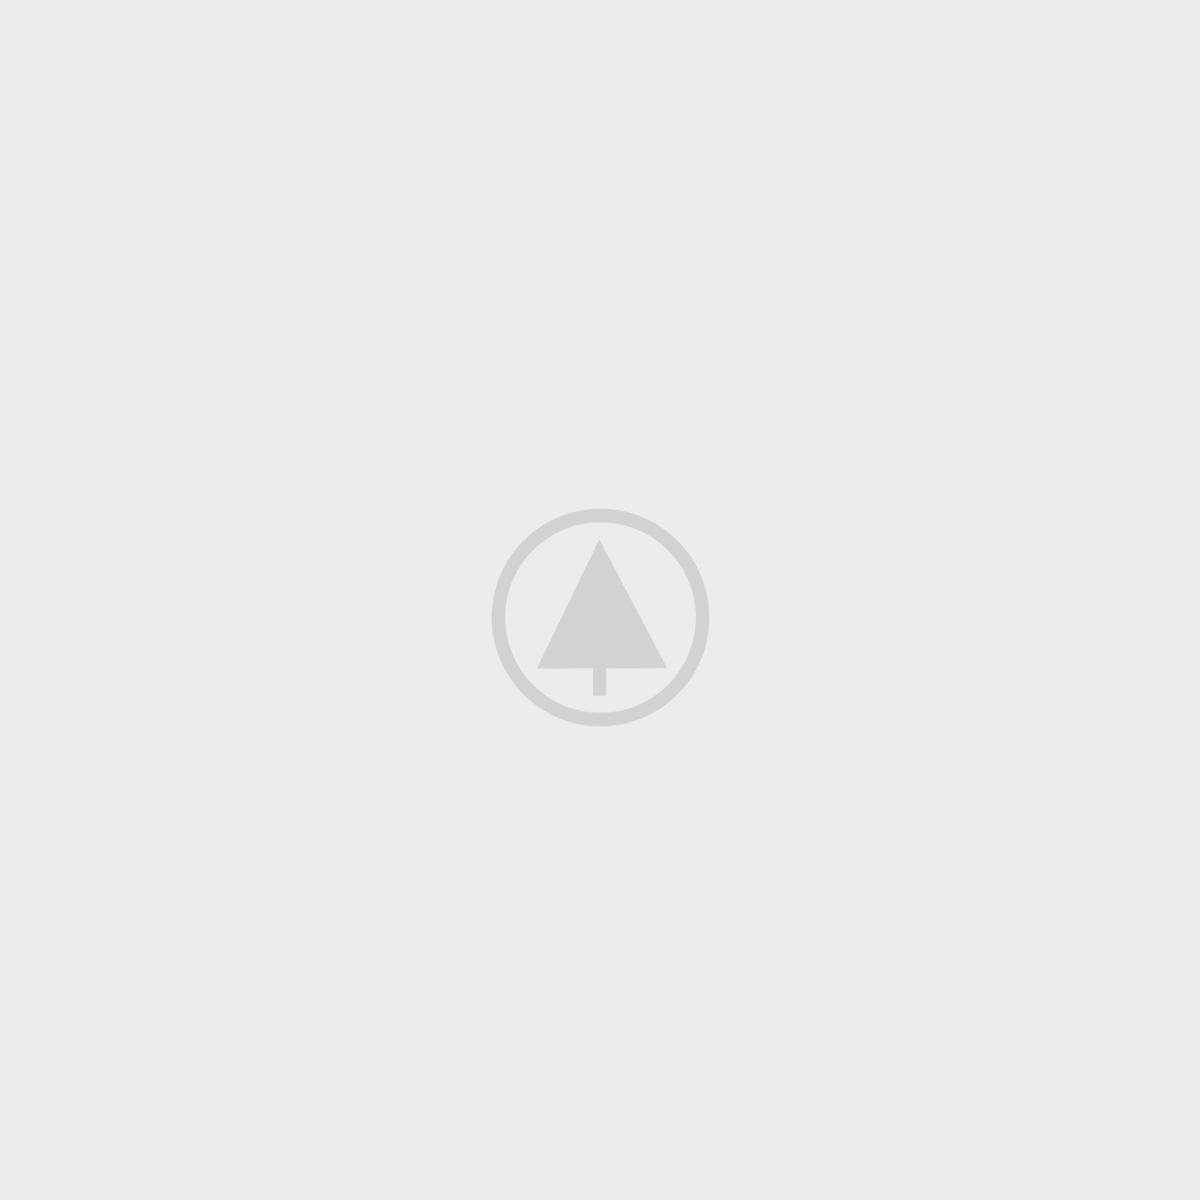 IELTS Online Coching Training - Netus eu mollis hac dignis - 1